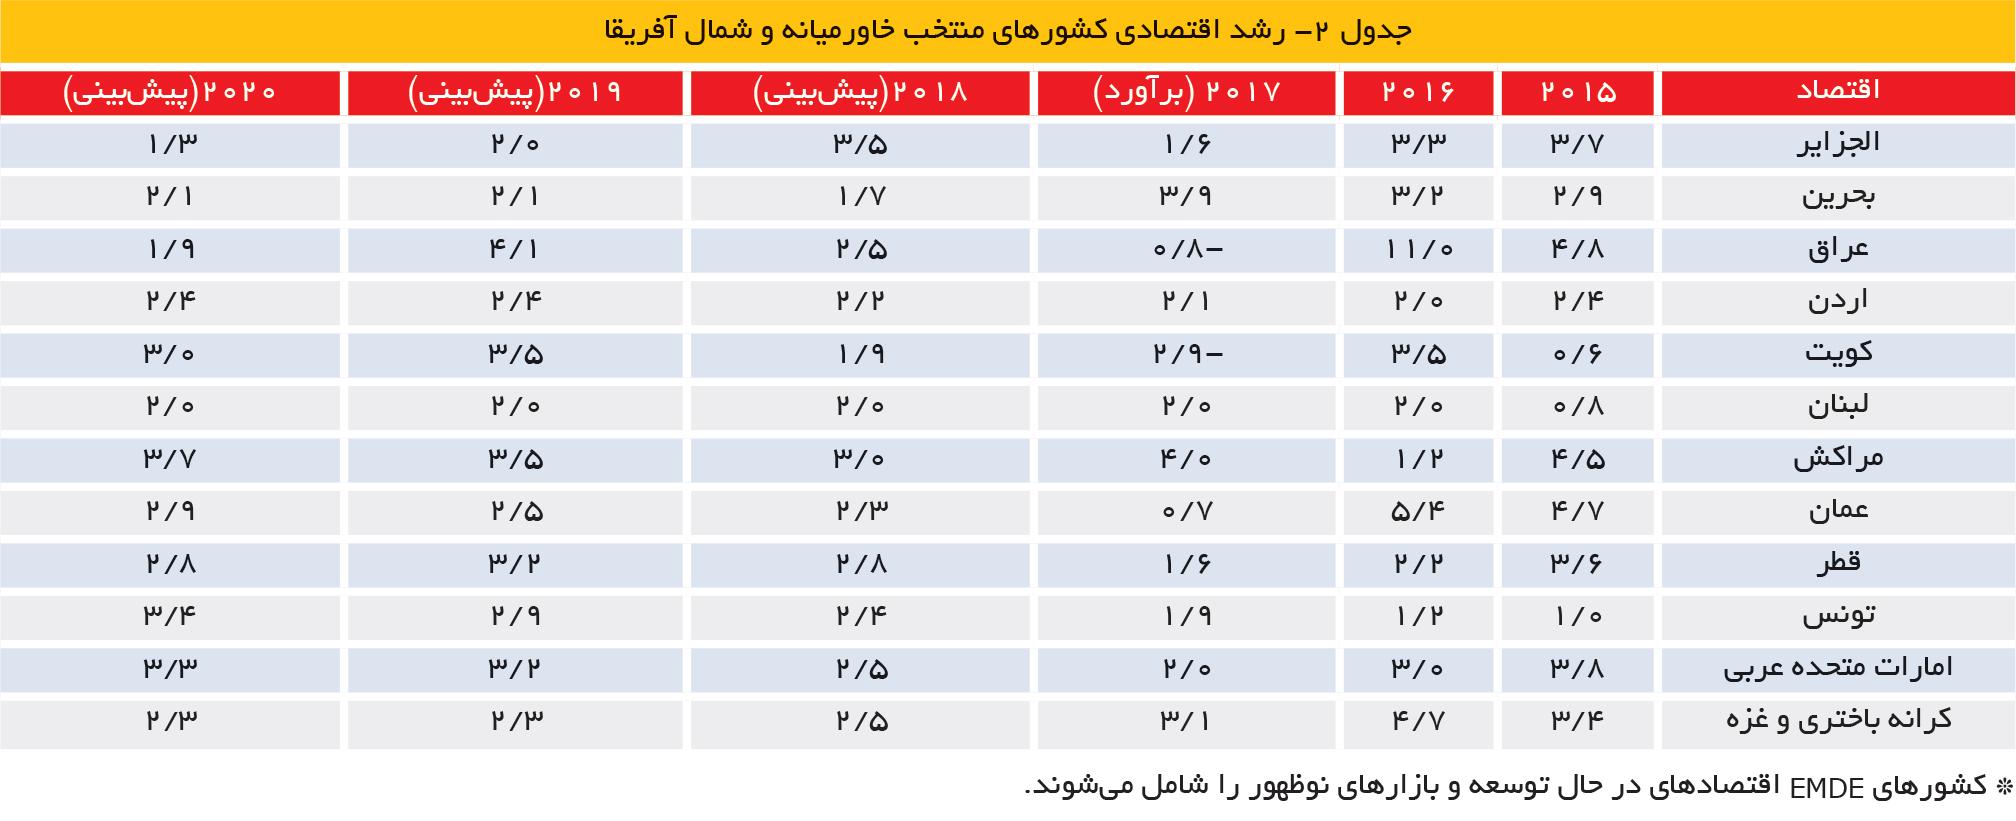 تجارت- فردا- جدول 2- رشد اقتصادی کشورهای منتخب خاورمیانه و شمال آفریقا